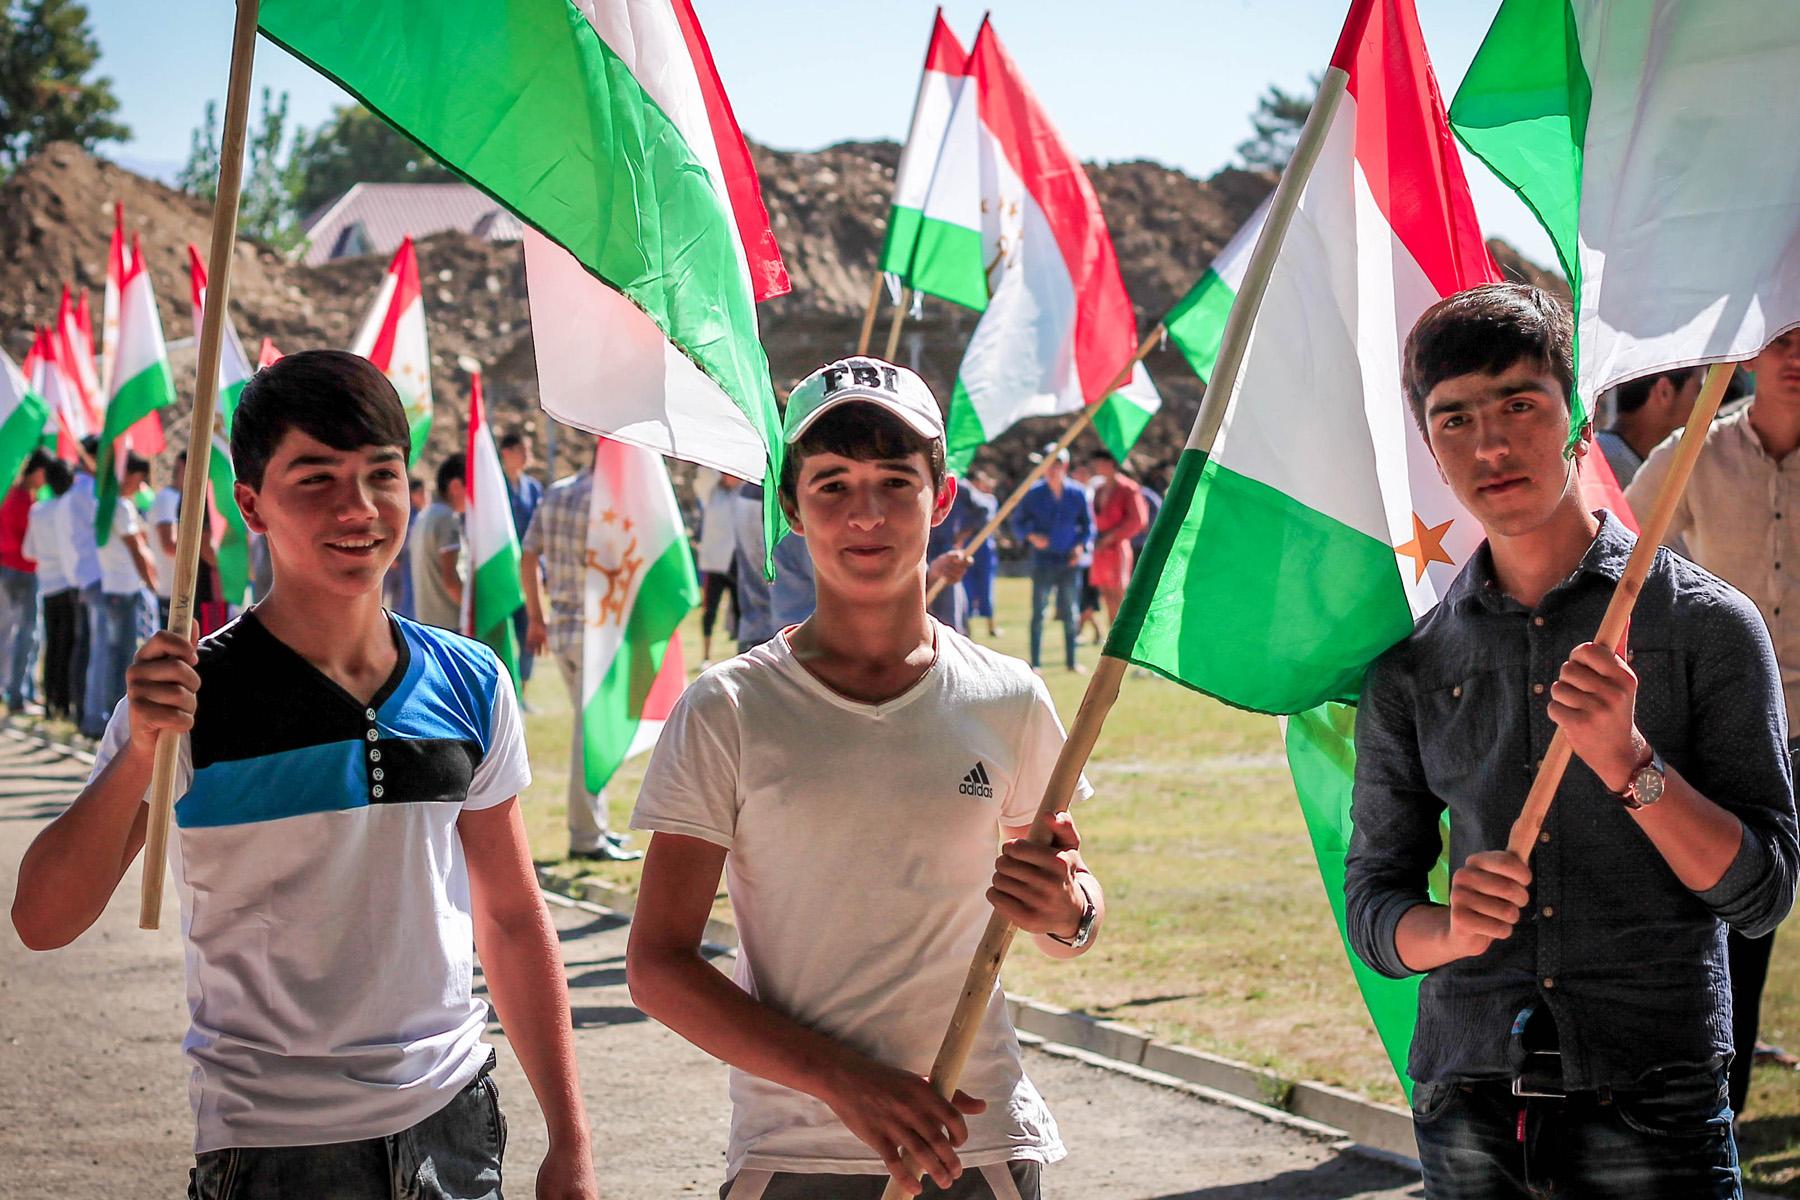 Przygotowania do otwarcia nowego obiektu sportowego. Setki dzieciaków z flagami miało machać synchronicznie, kiedy prezydent będzie przecinał szarfę.